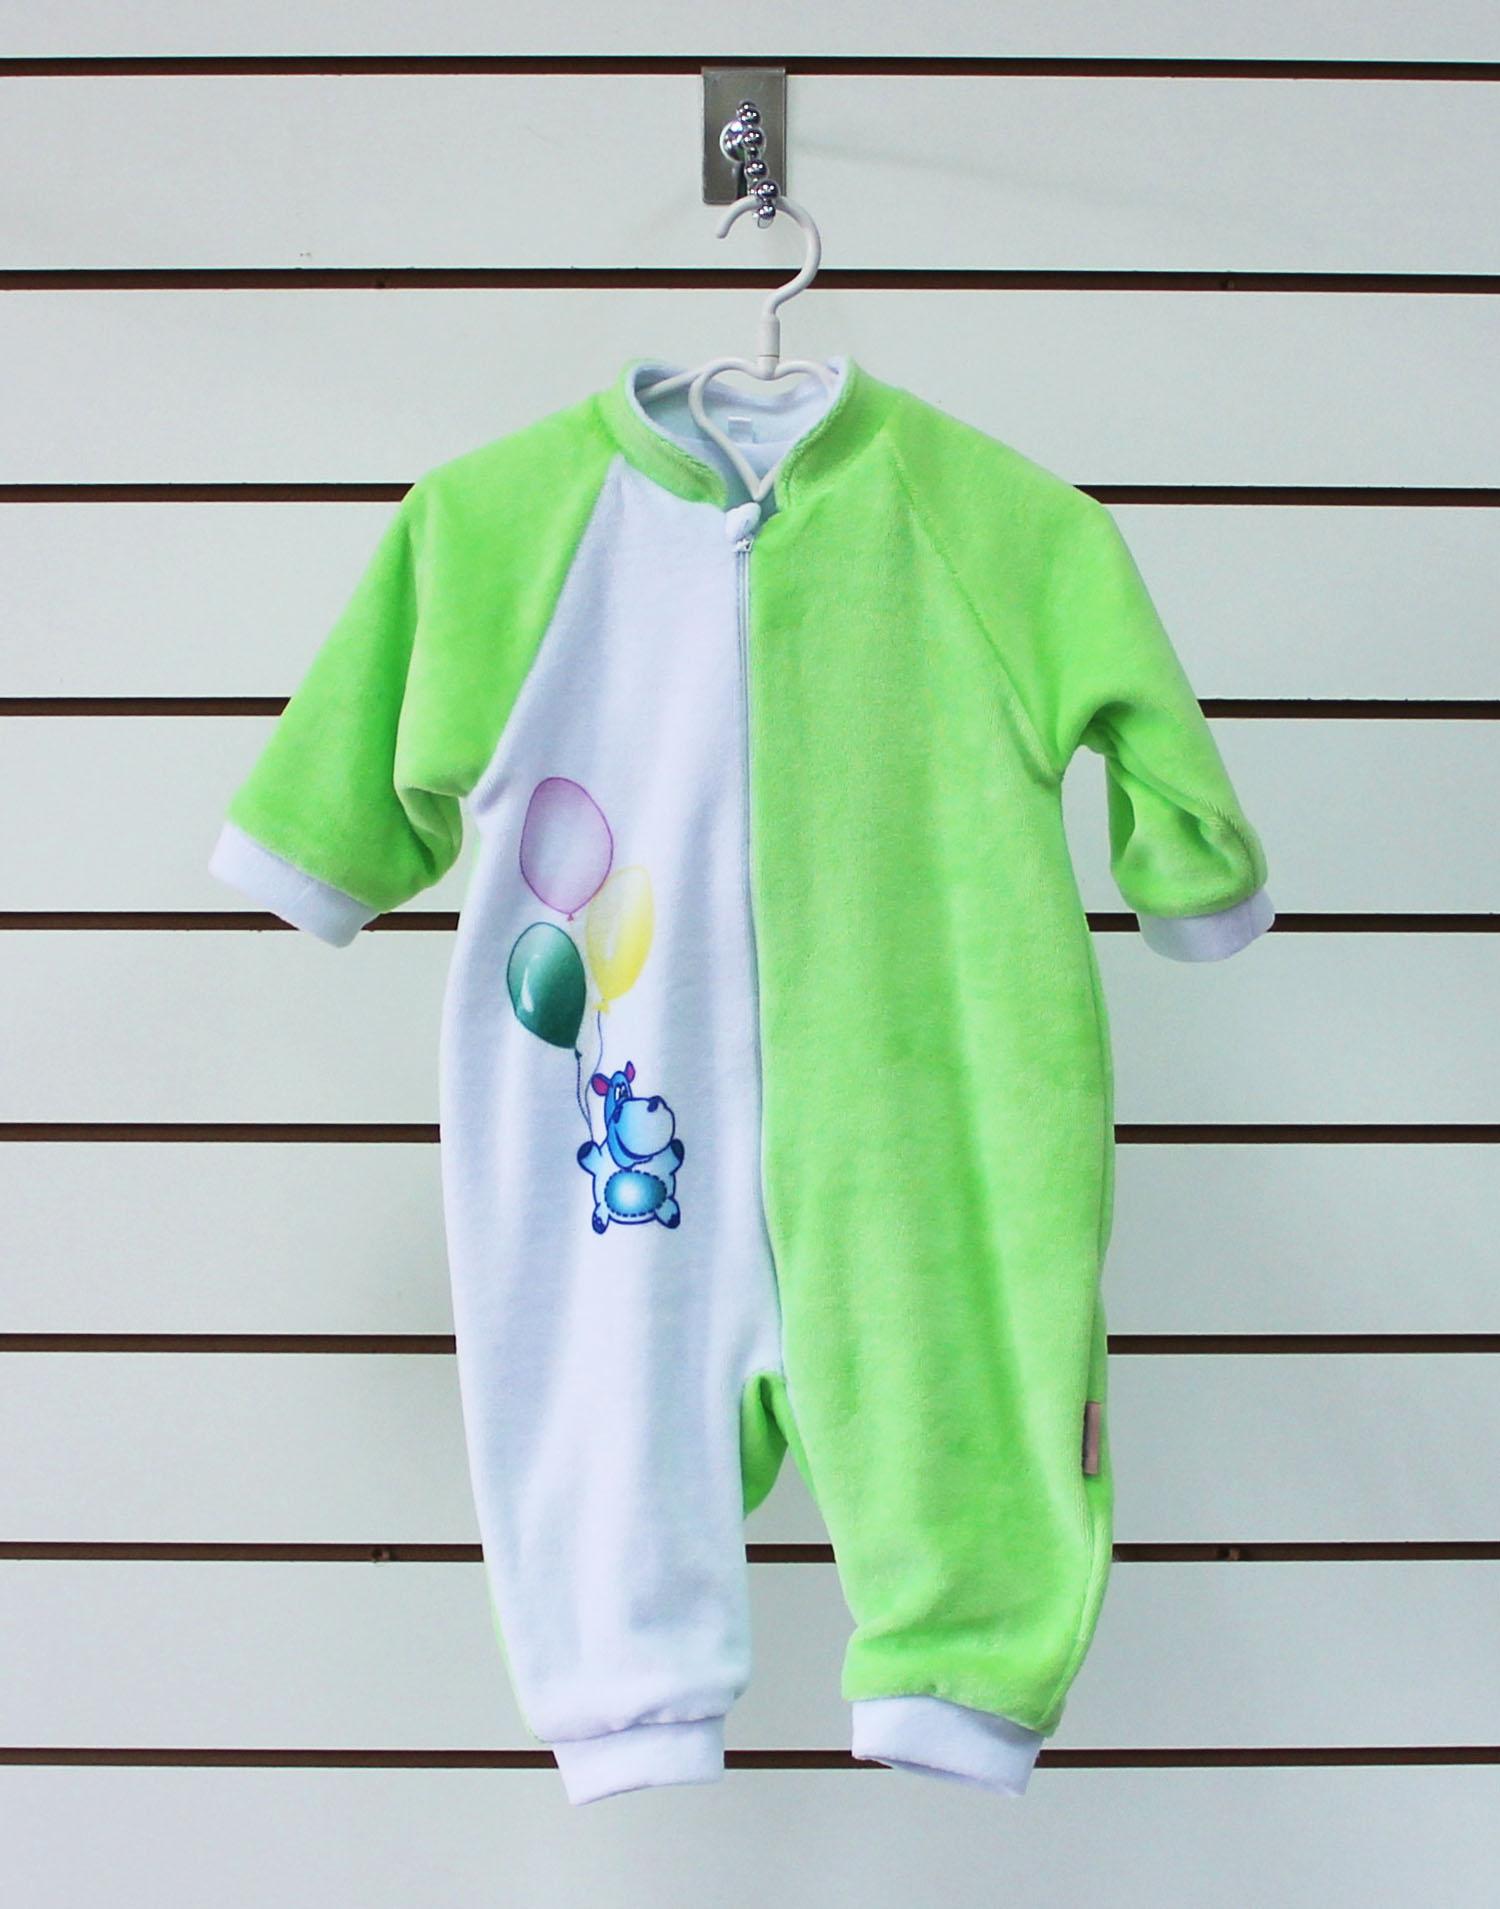 Комбинезон детский велюровый БегемотикКомбинезоны и полукомбинезоны<br><br><br>Размер: 22 (рост 74 см)